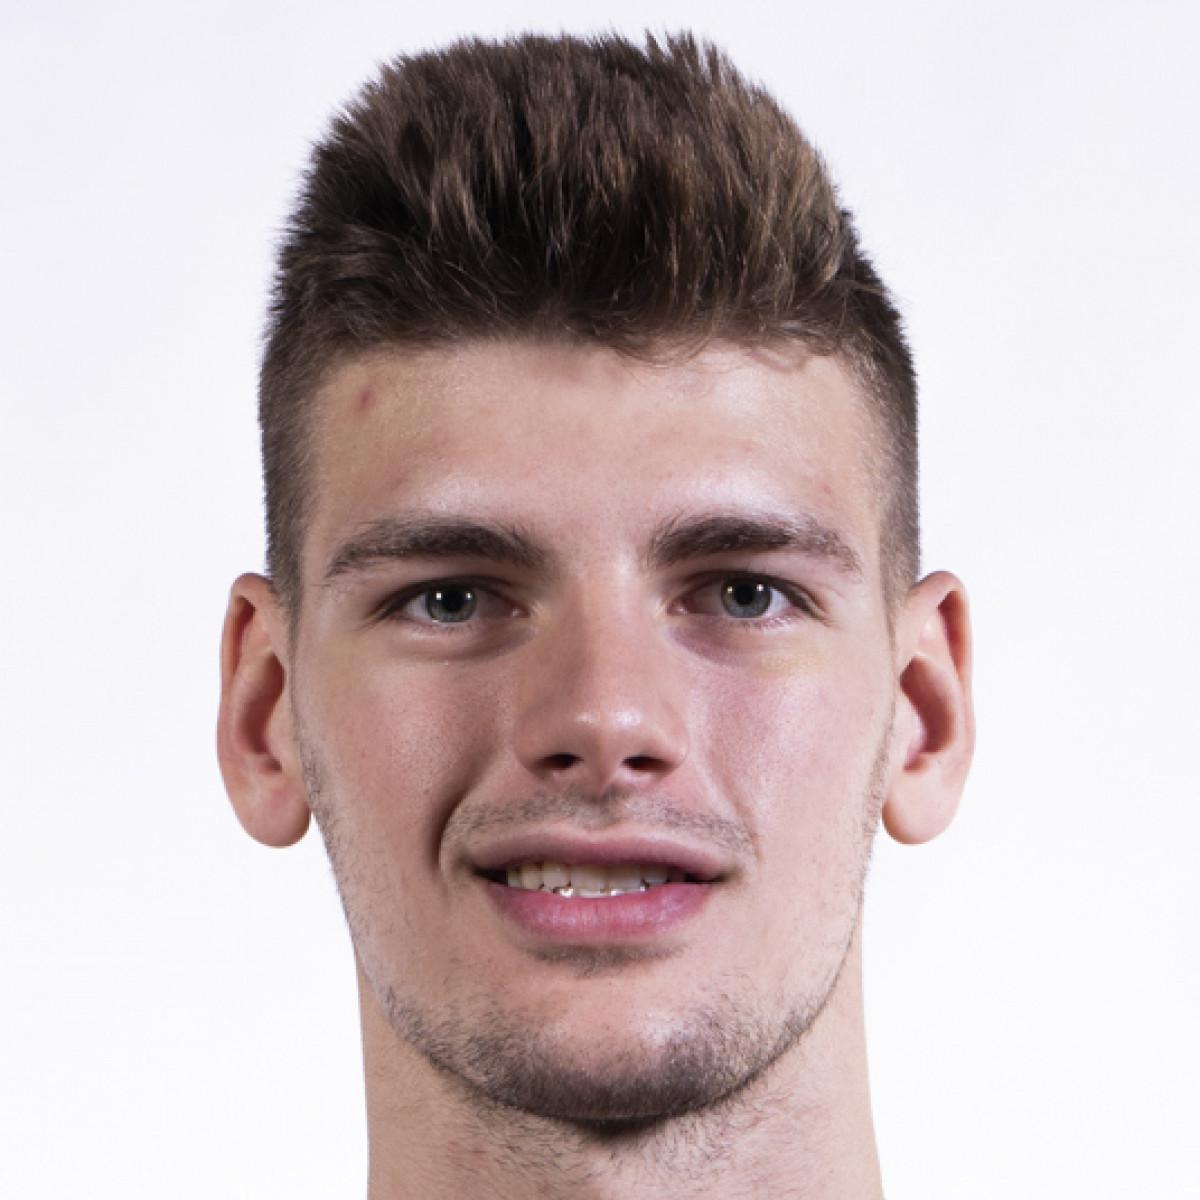 Nicholas Evtimov